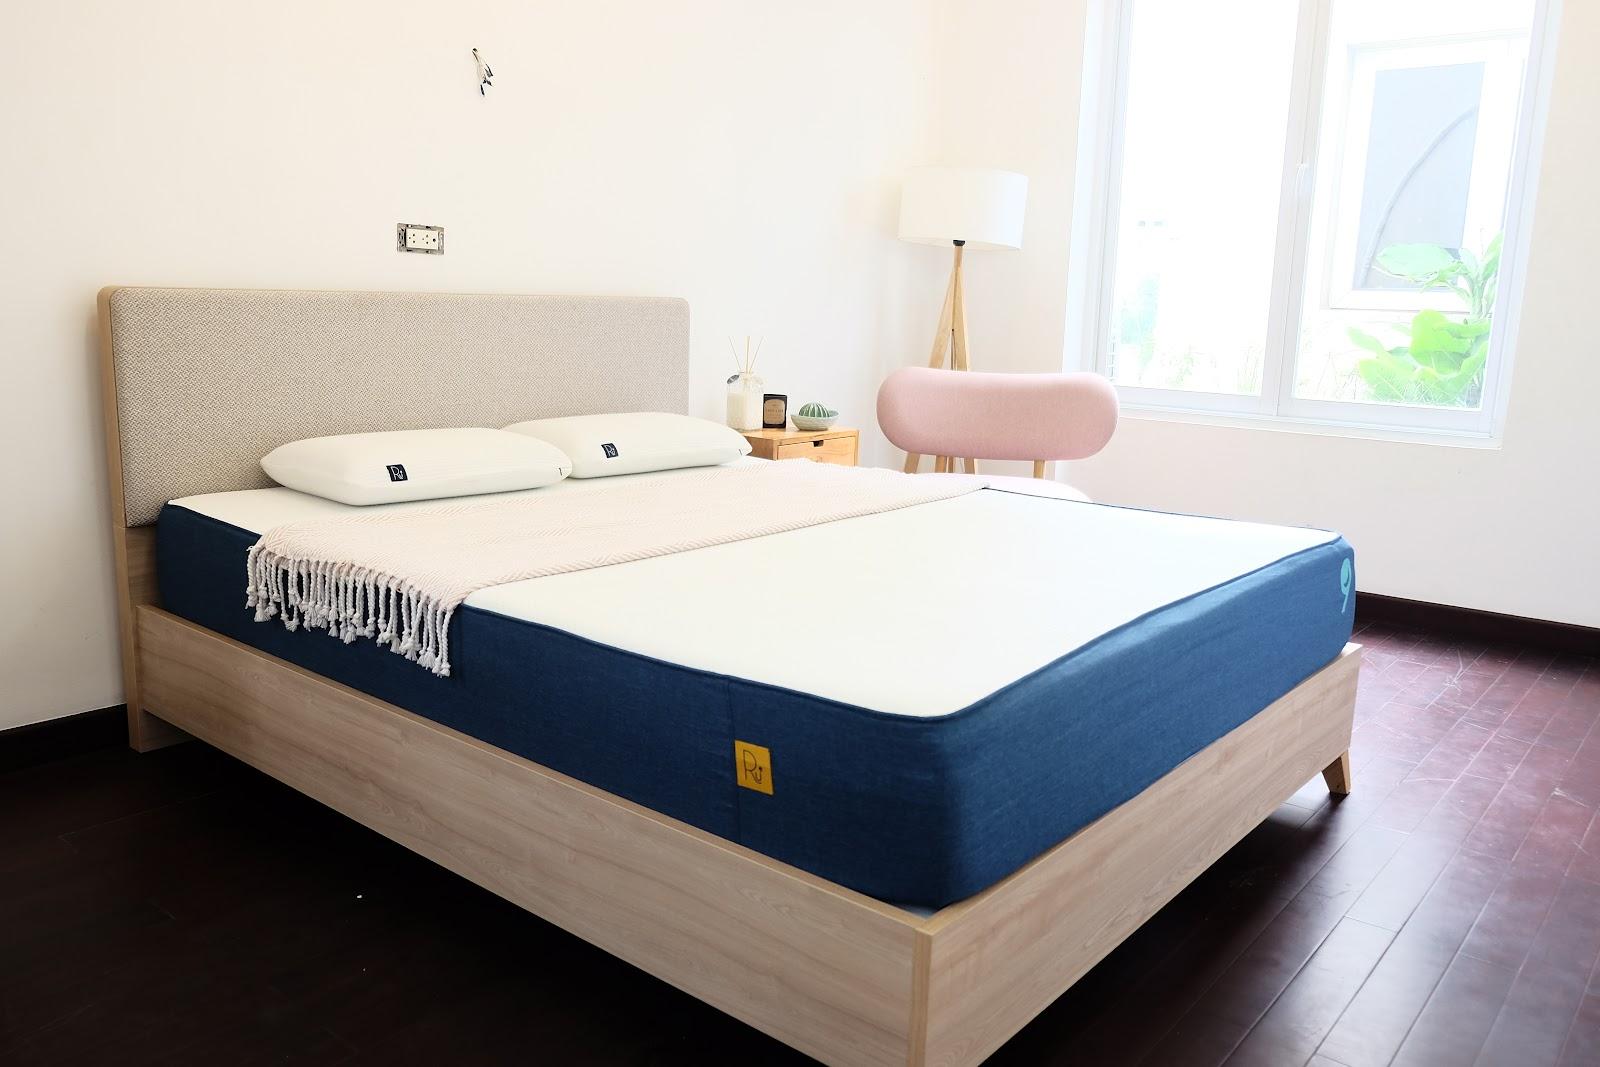 Căn phòng ngủ hiện đại cùng chiếc nệm memory foam Ru9 Original